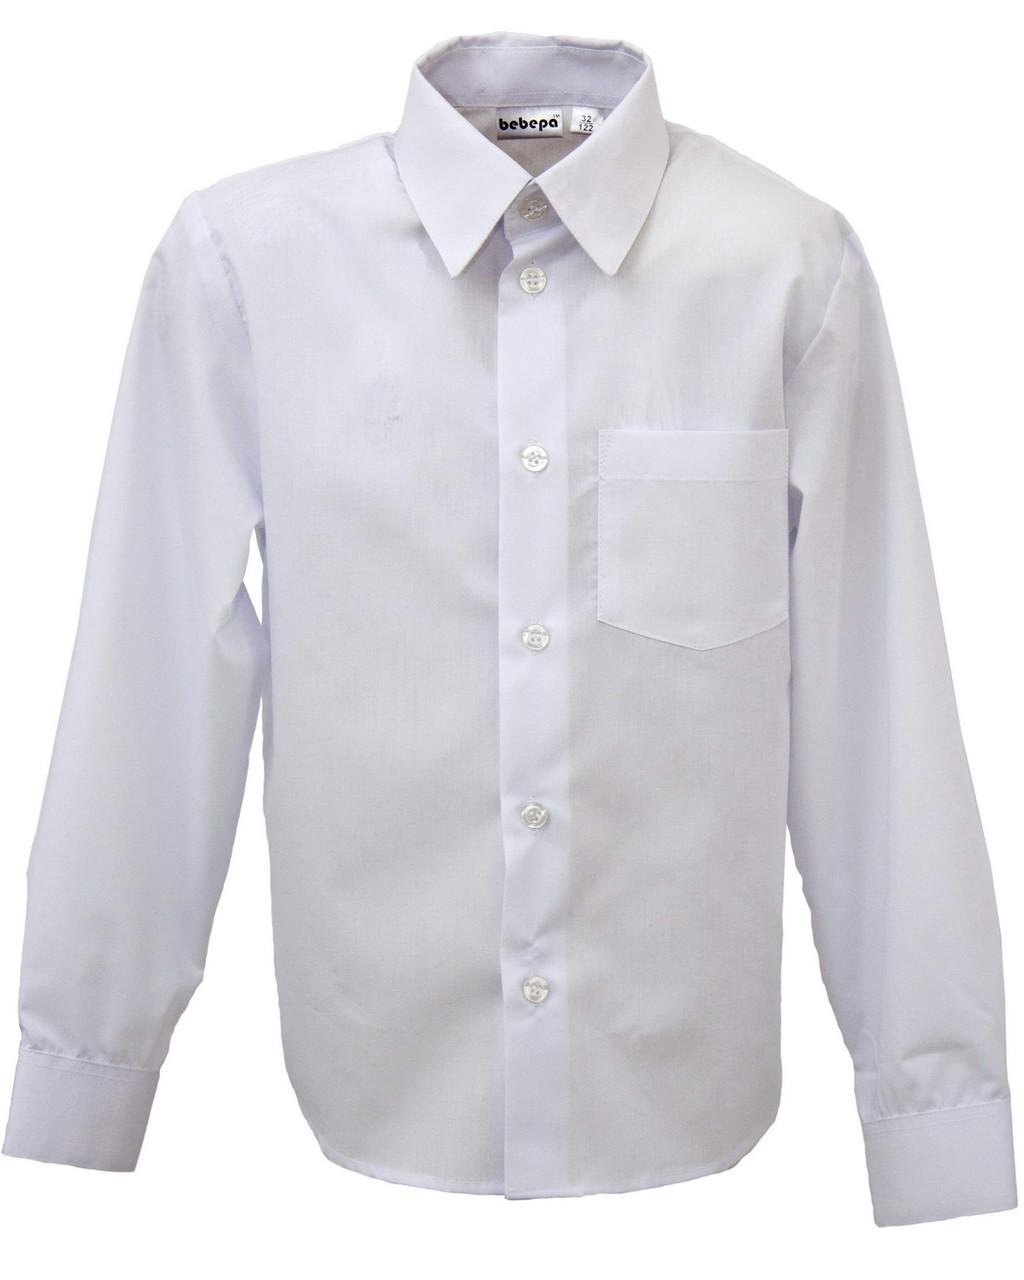 226b1c7ab96 Школьная рубашка для мальчика с длинным рукавом